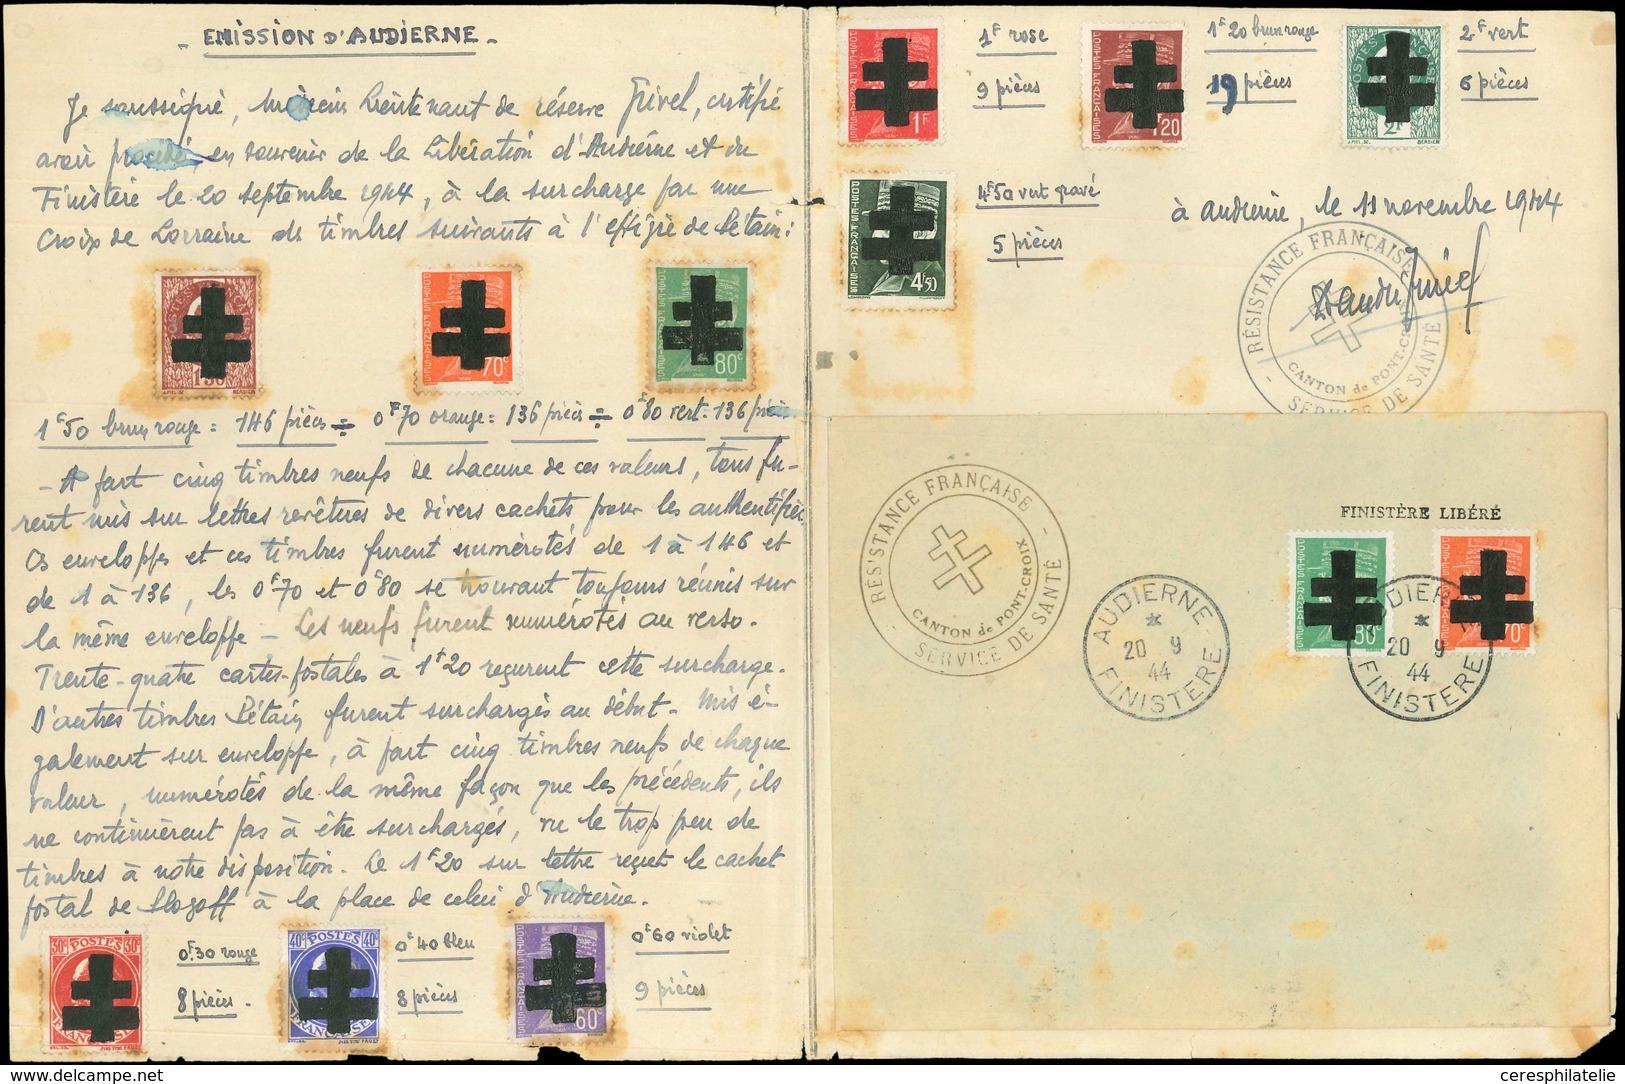 (*) TIMBRES DE LIBERATION - AUDIERNE 2/3, 5, 6 (2), 10/12, 14 Et 21 Collés Sur Lettre Document Du 11/11/44 Avec Cachet D - Libération